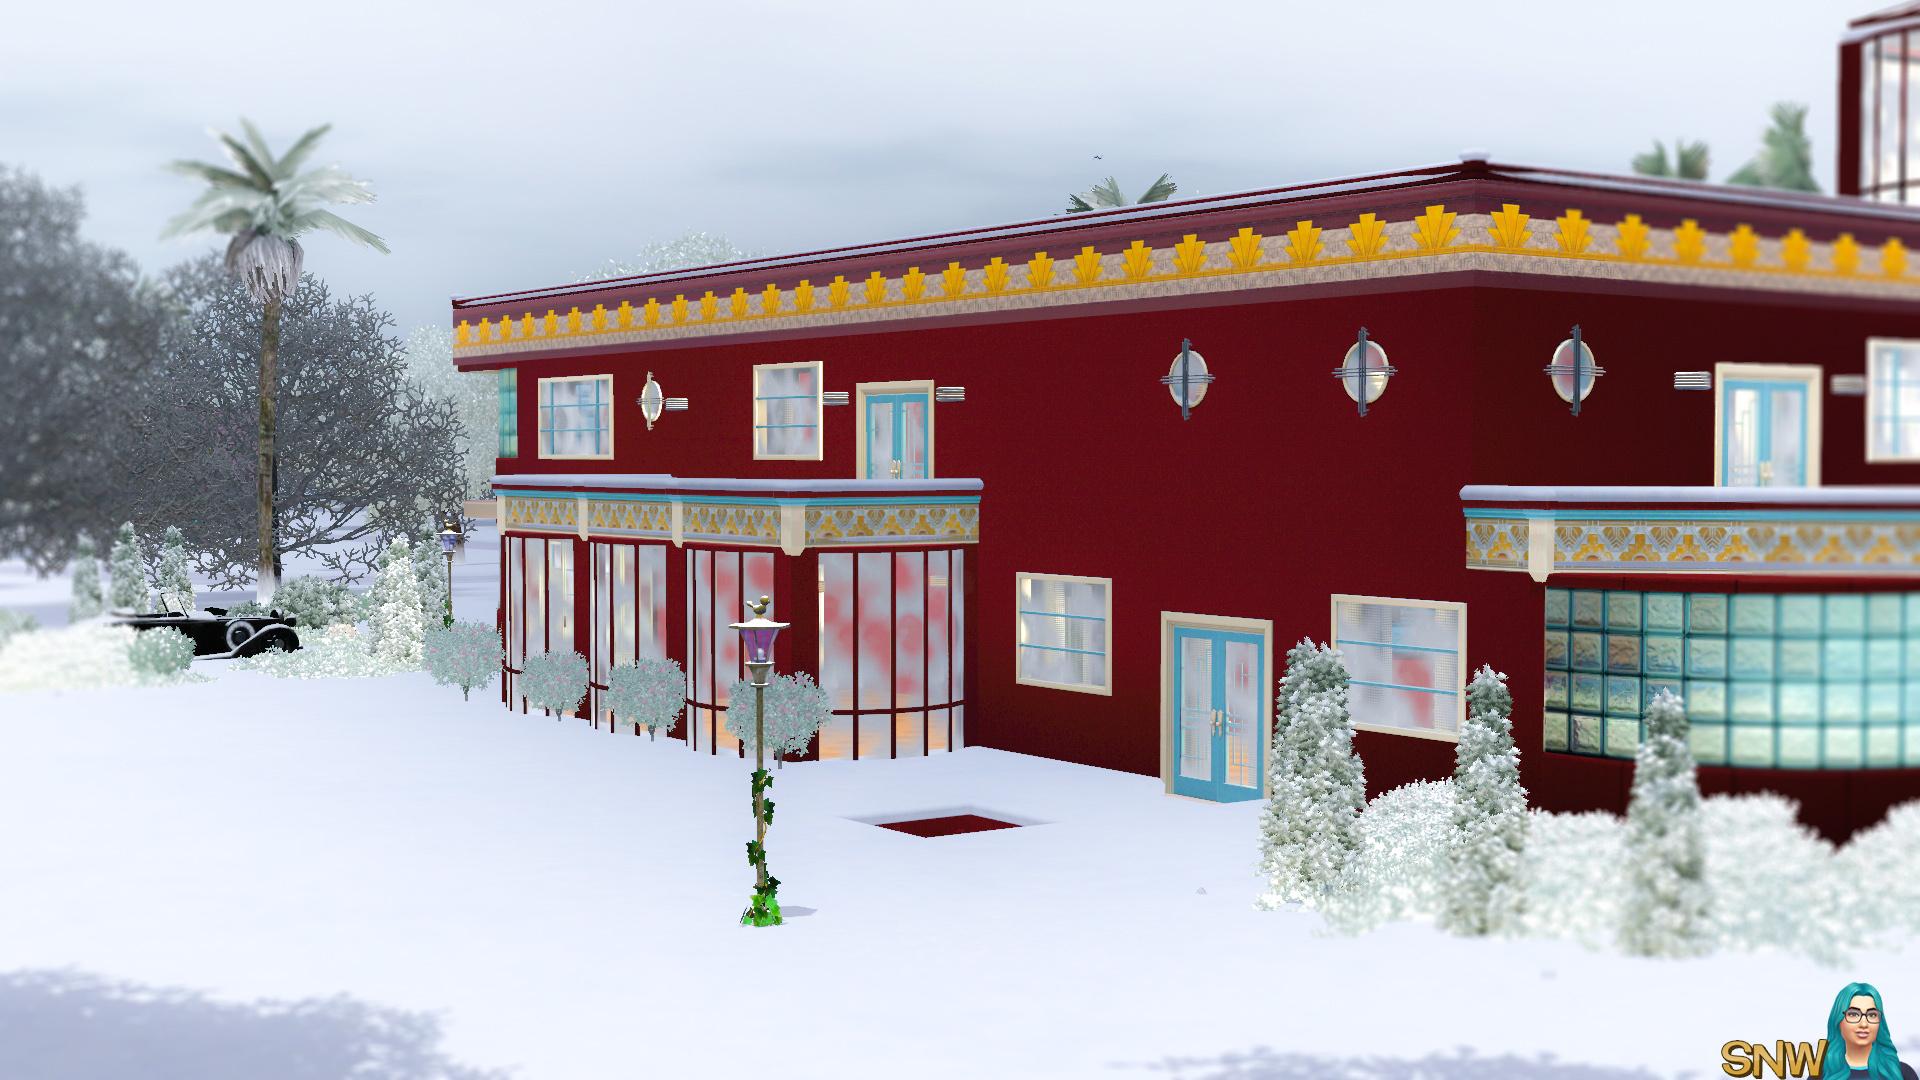 Kerstmis art deco huis snw simsnetwerk.com